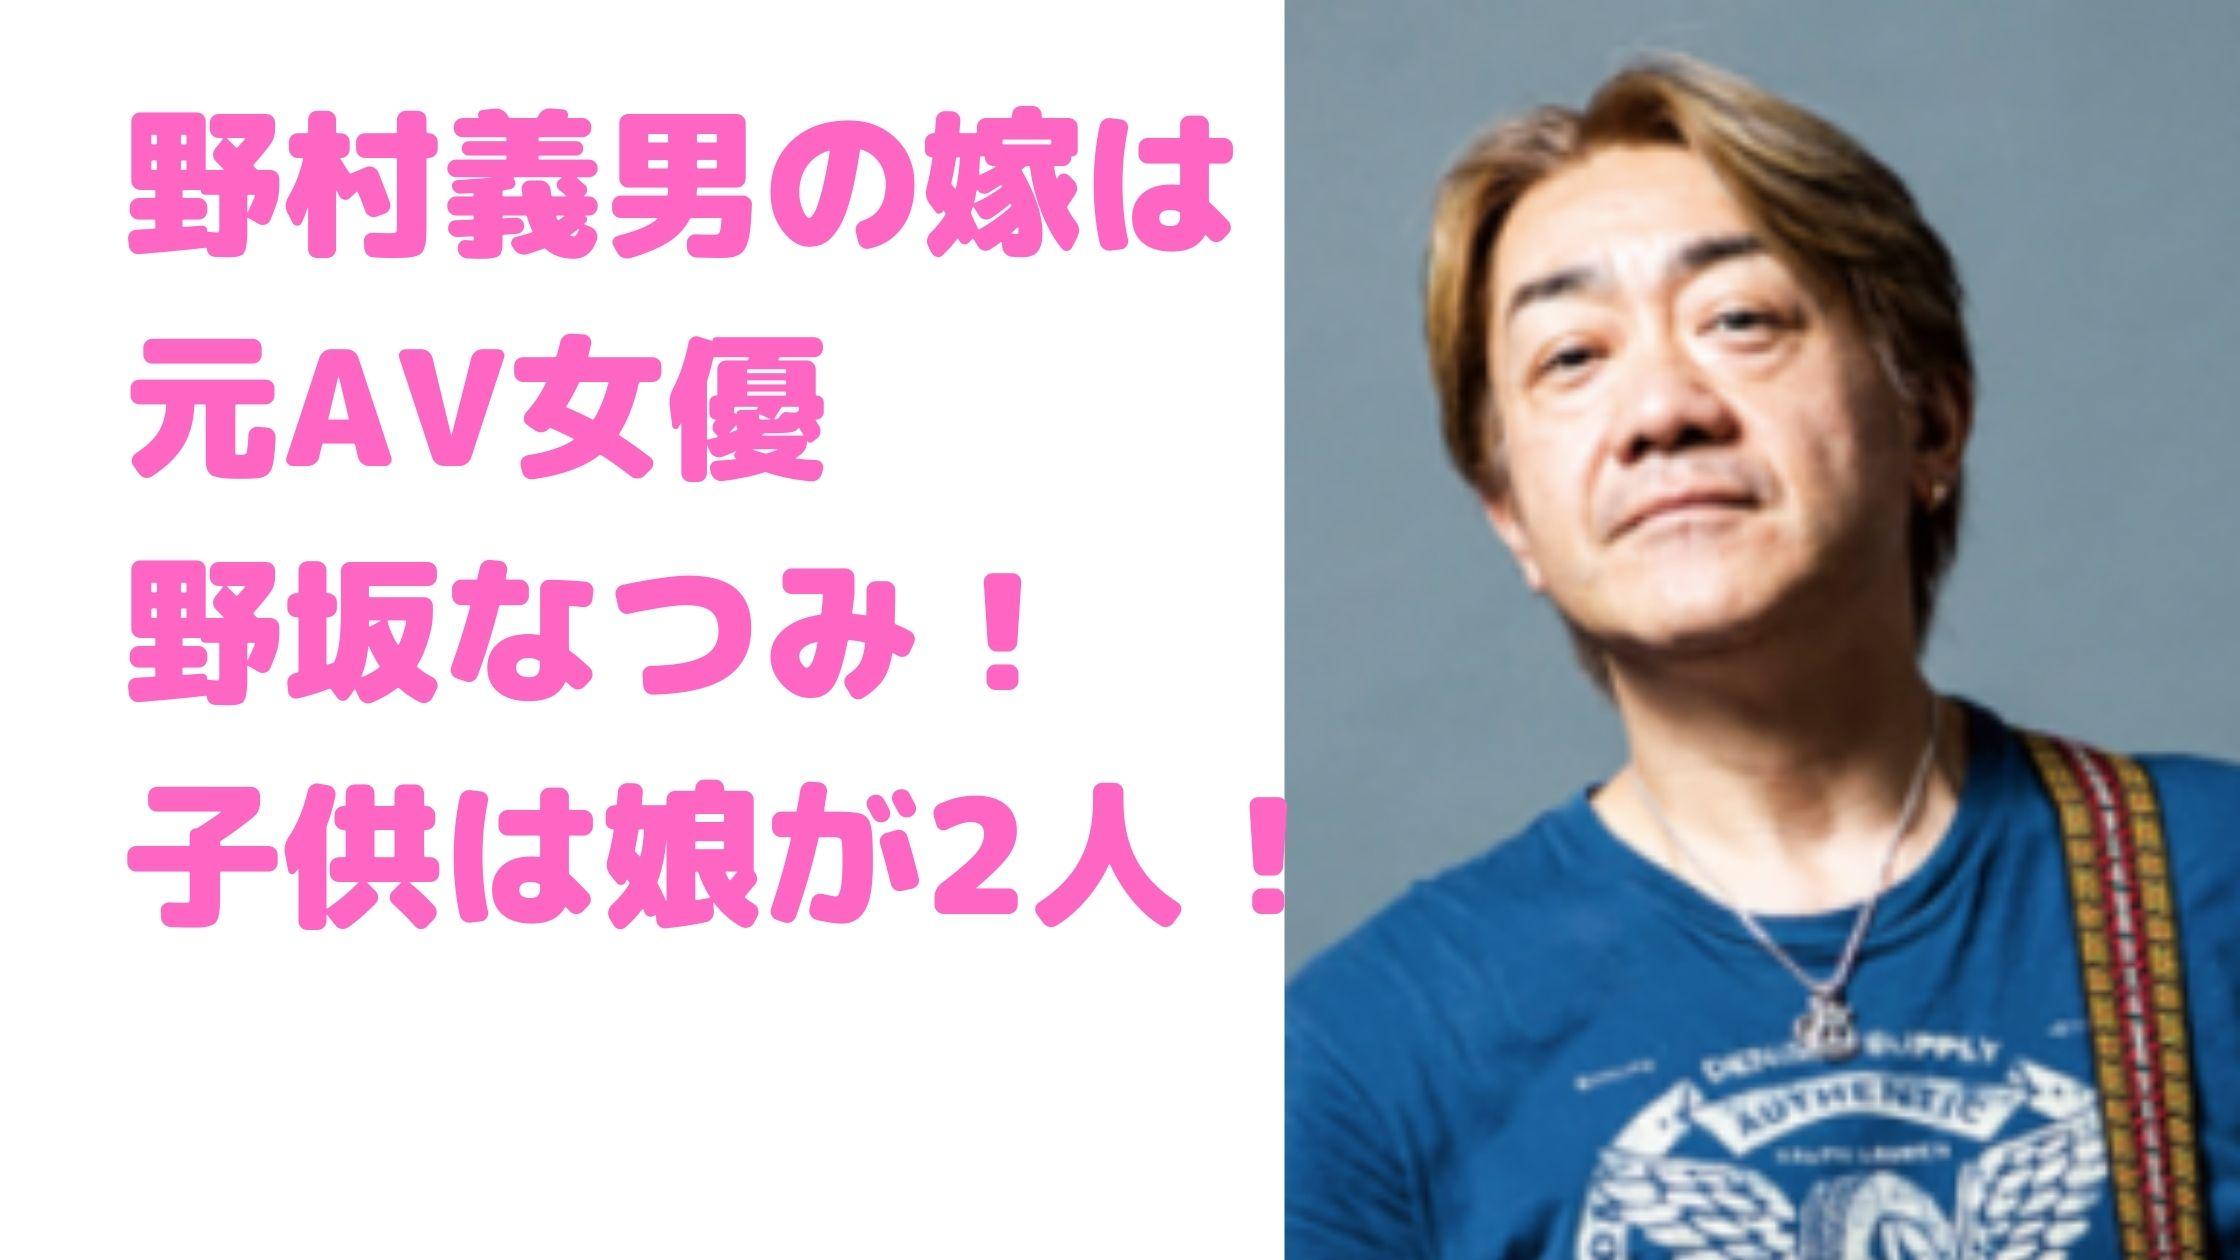 野村義男 嫁 結婚相手 元AV女優 野坂なつみ 馴れ初め 年齢 子供 性別 娘 学校